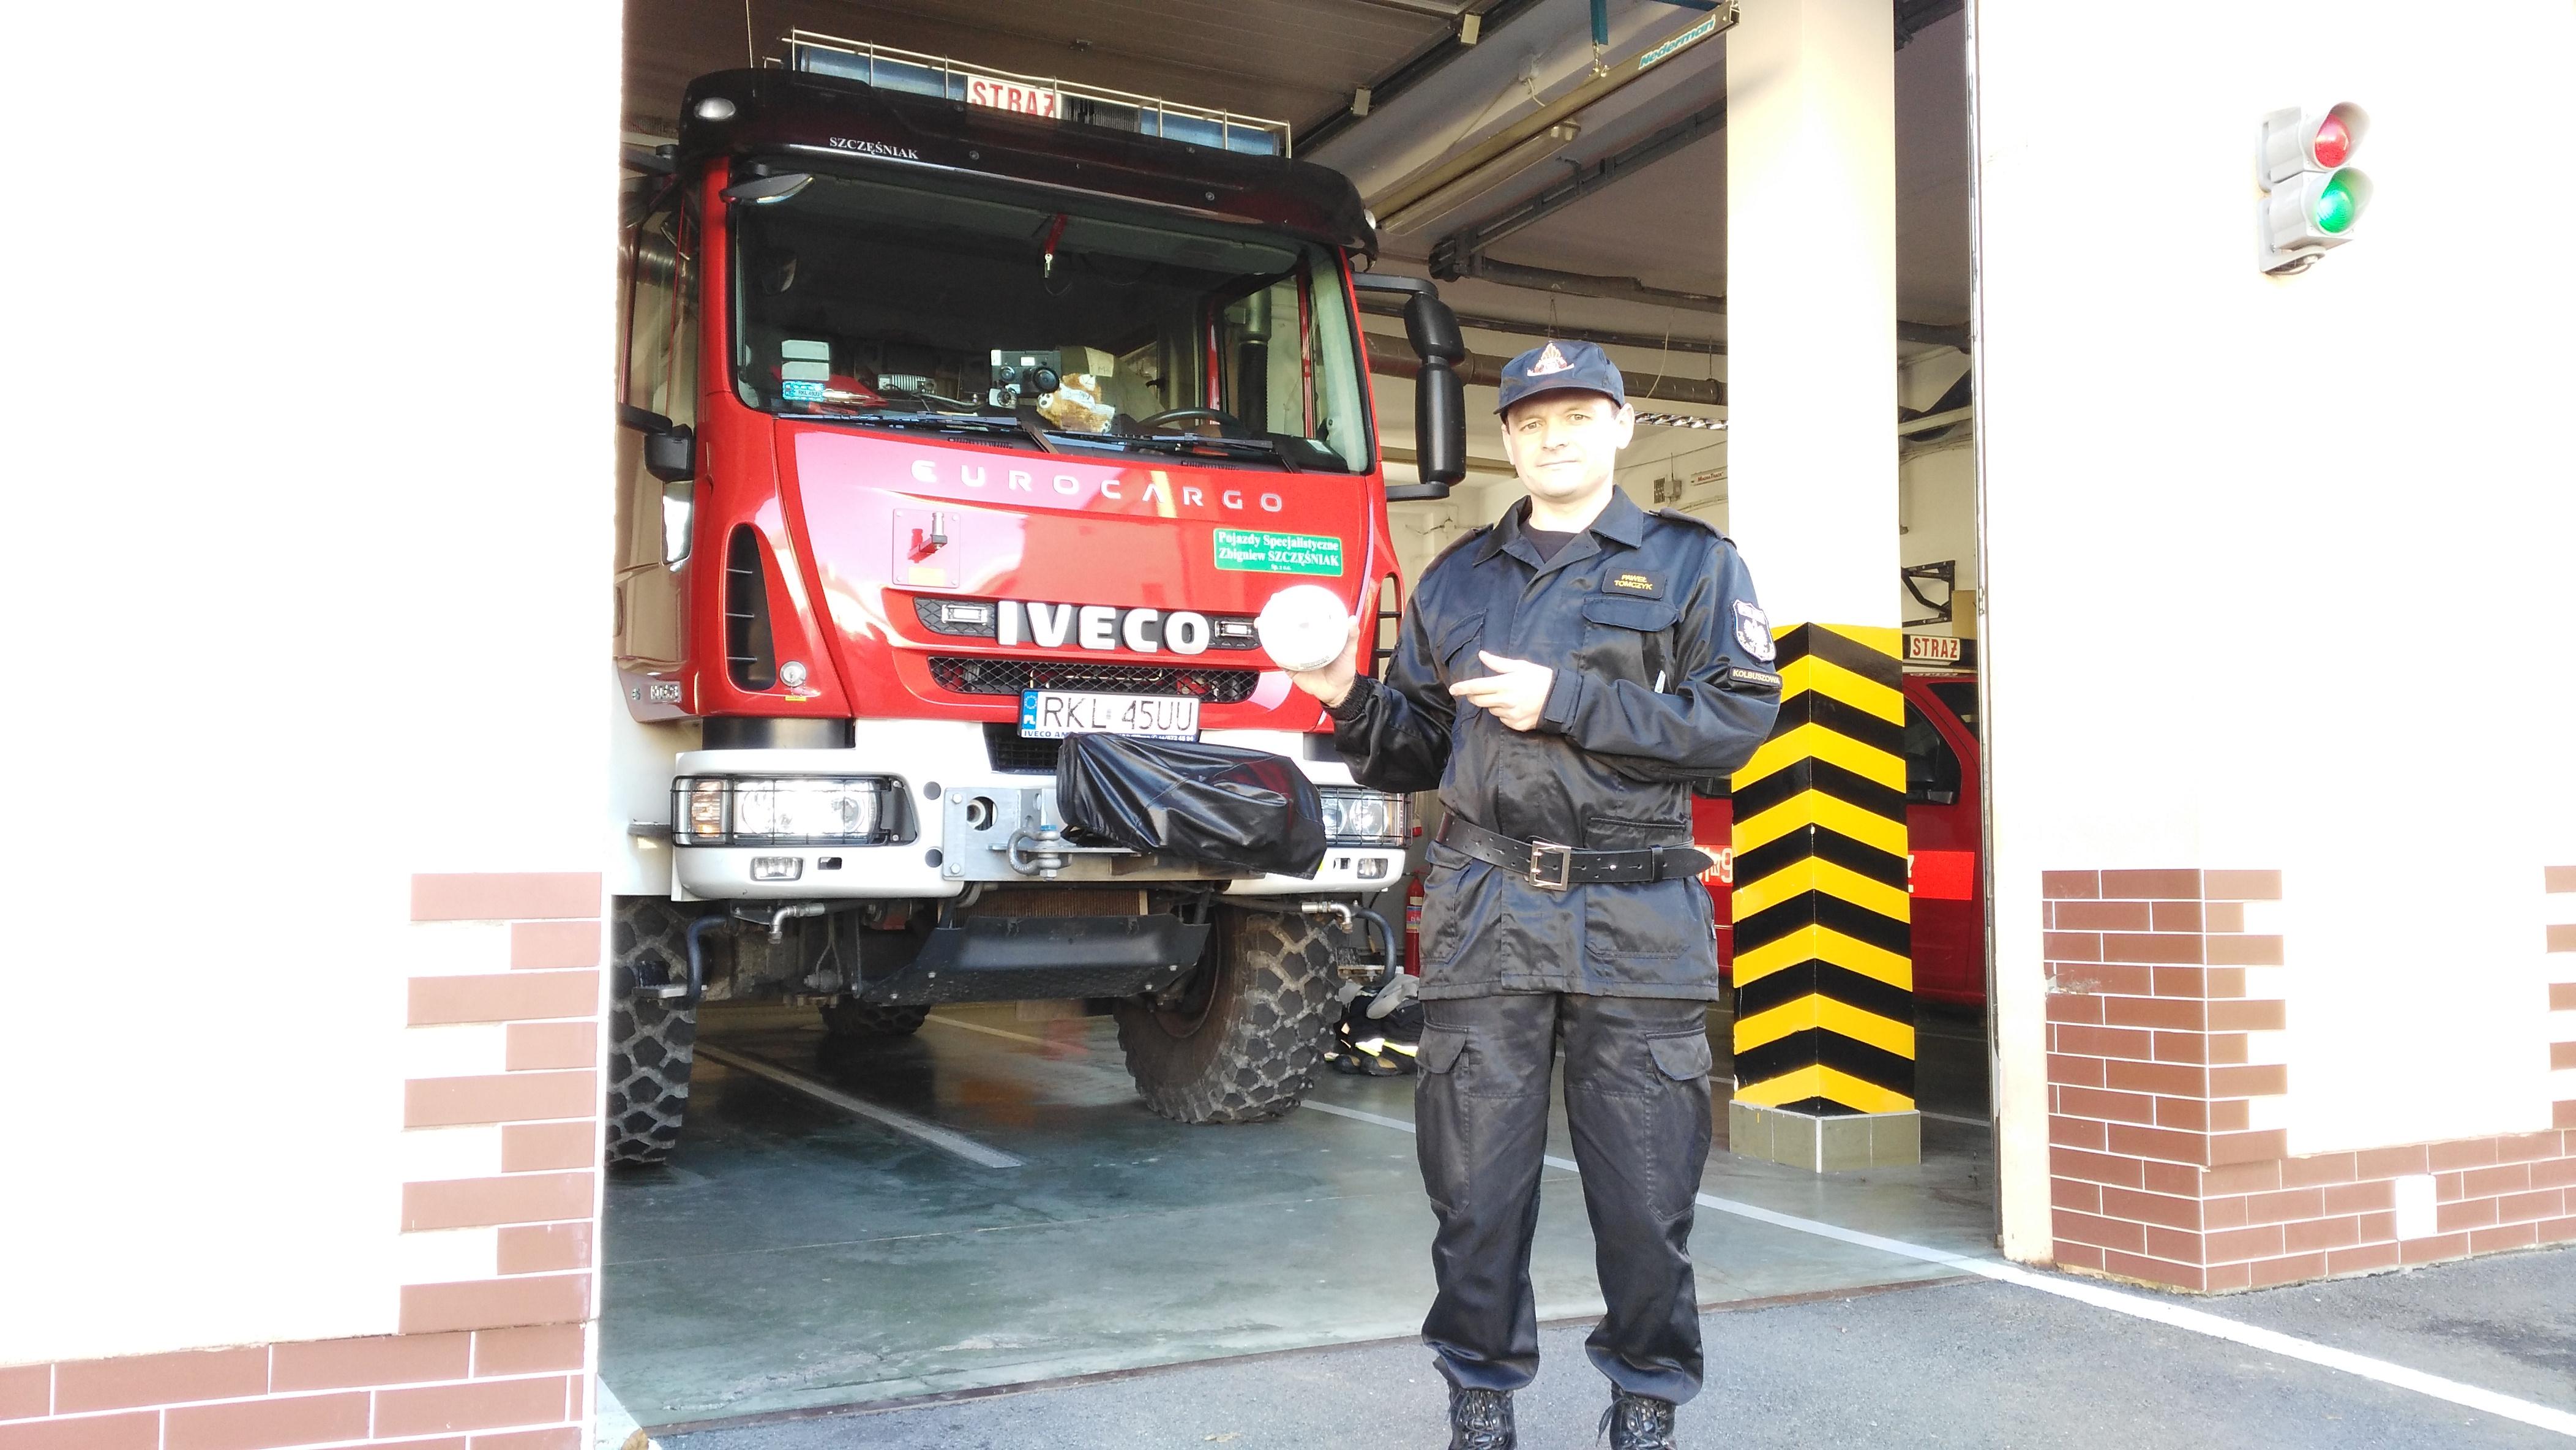 Spotkanie ze strażą w Dzikowcu. Do rozdania dla mieszkańców gminy czujniki tlenku węgla - Zdjęcie główne